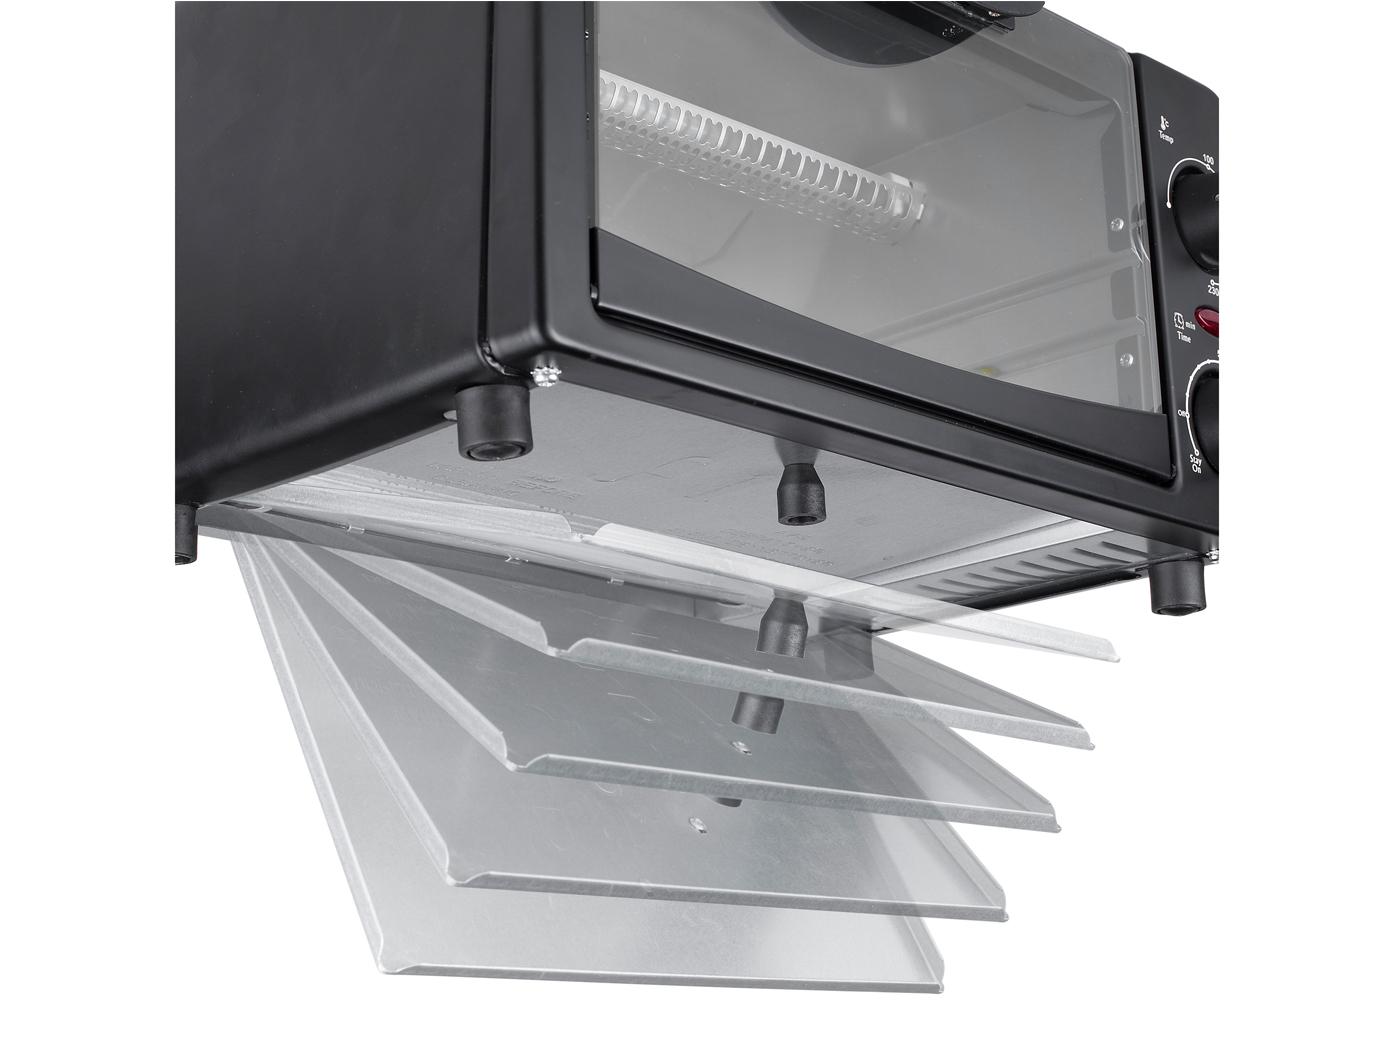 miniofen 9 liter 800 watt unter oberhitze klein backofen. Black Bedroom Furniture Sets. Home Design Ideas